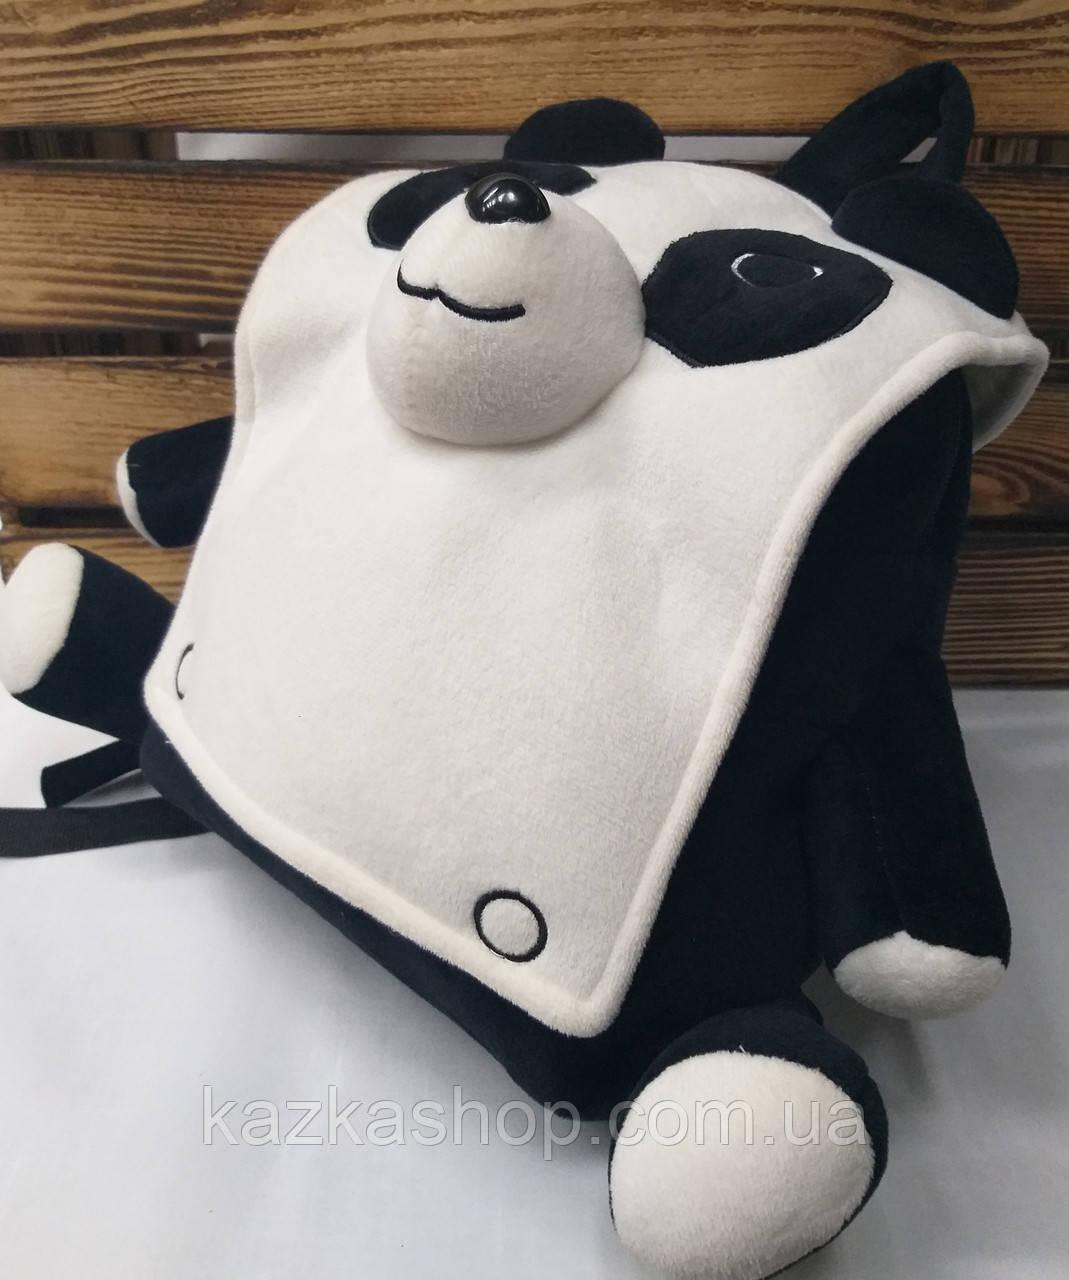 """Детский плюшевый рюкзак черного цвета """"Панда"""", регулируемые лямки"""